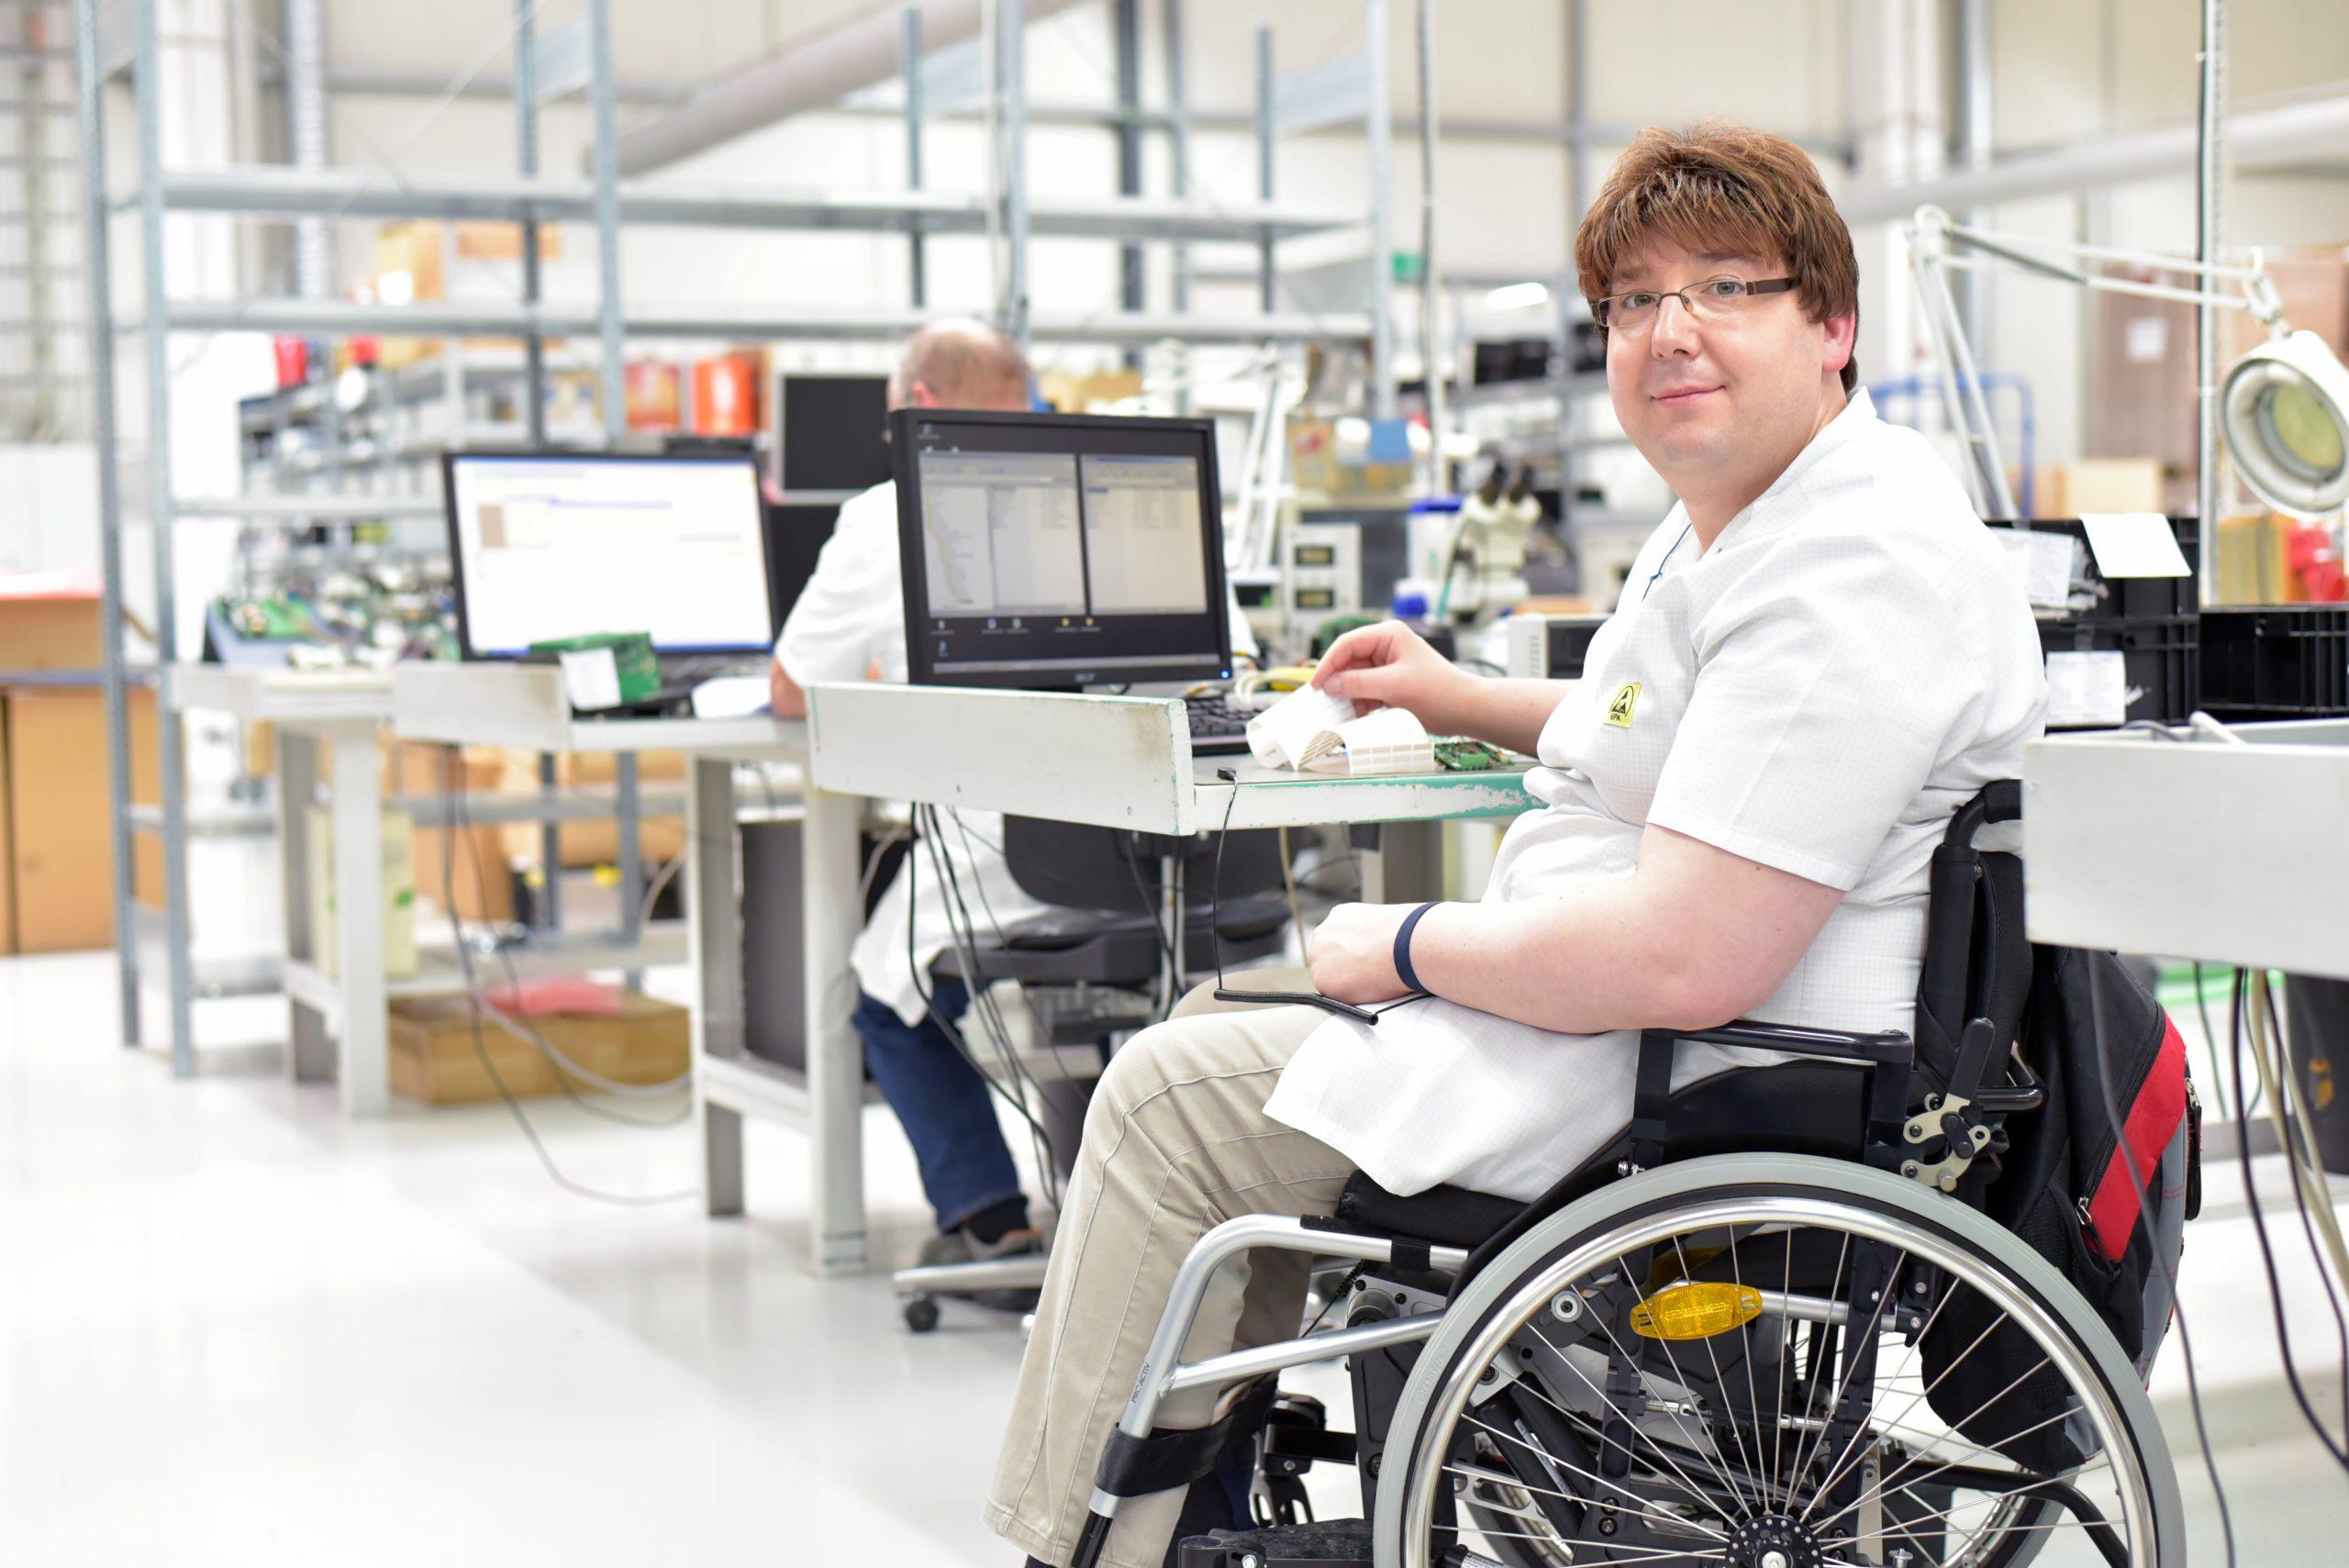 Rollstuhlfahrer am Arbeitsplatz in einer Fabrik zur Montage von Elektronik – Alltag mit Gehbehinderung // Wheelchair driver at the workplace in the industry